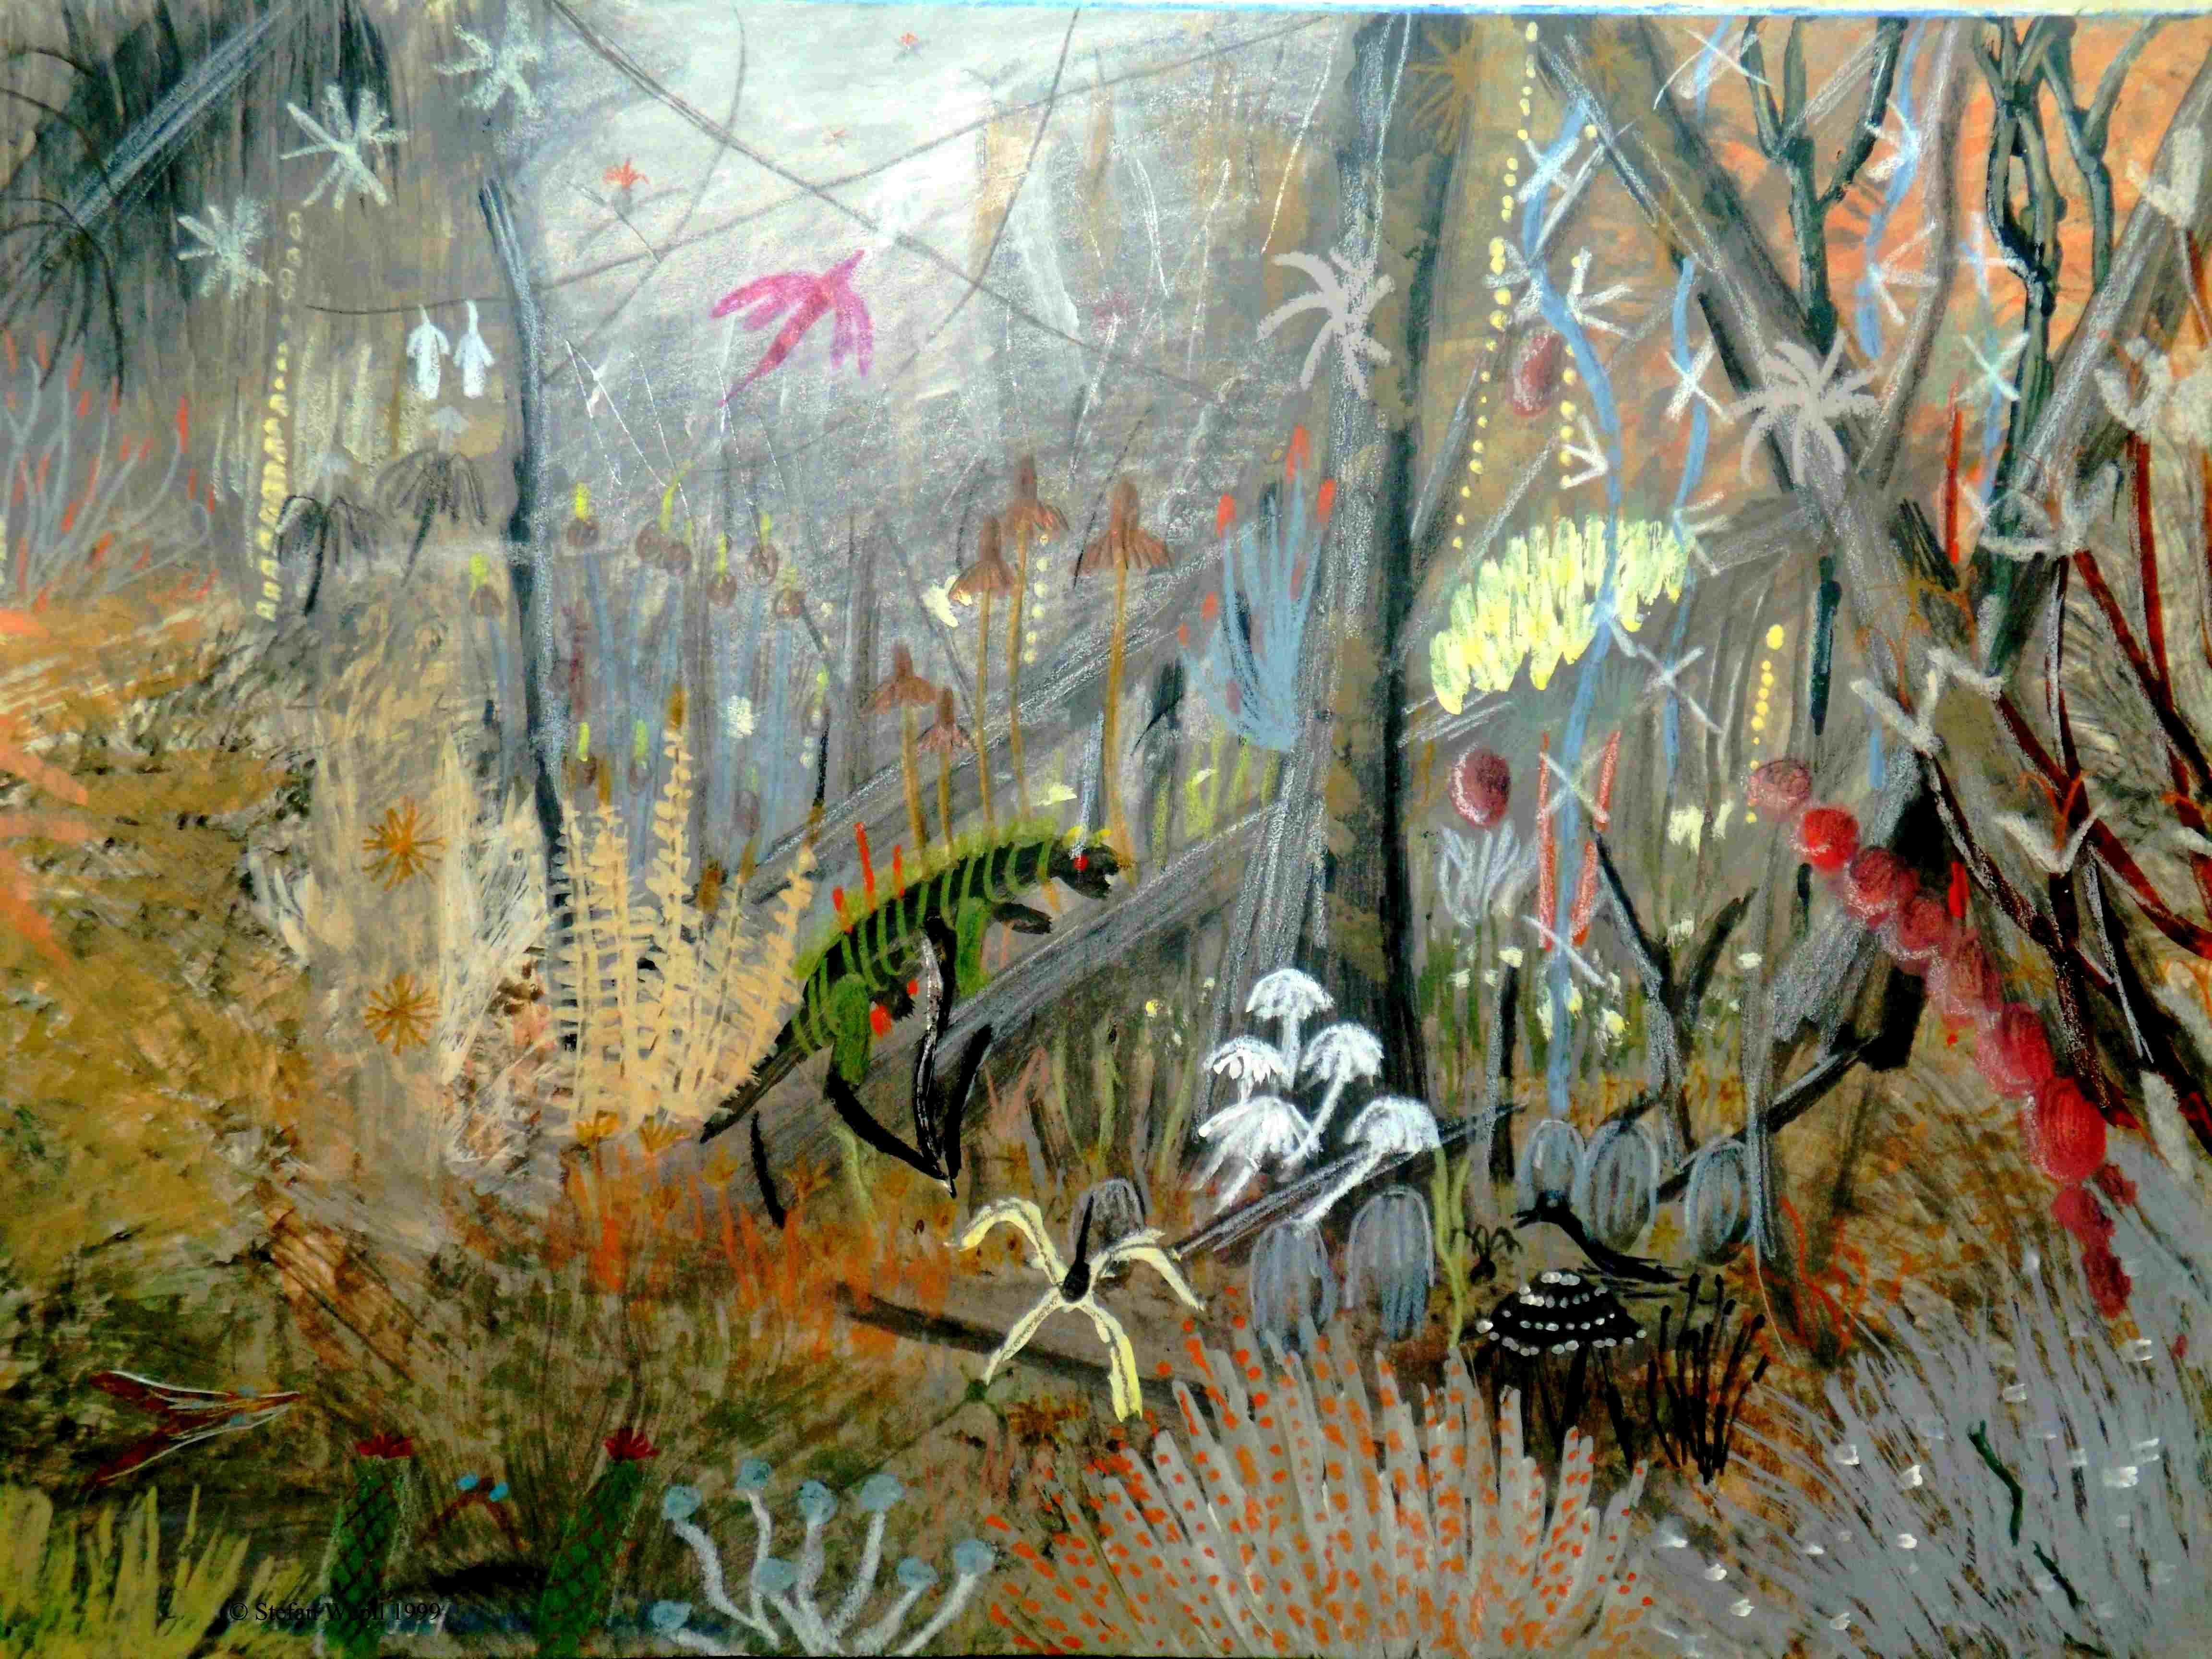 Ein typischer düsterer Urwald von Horrwworon in Saggittor. © Stefan Wepil